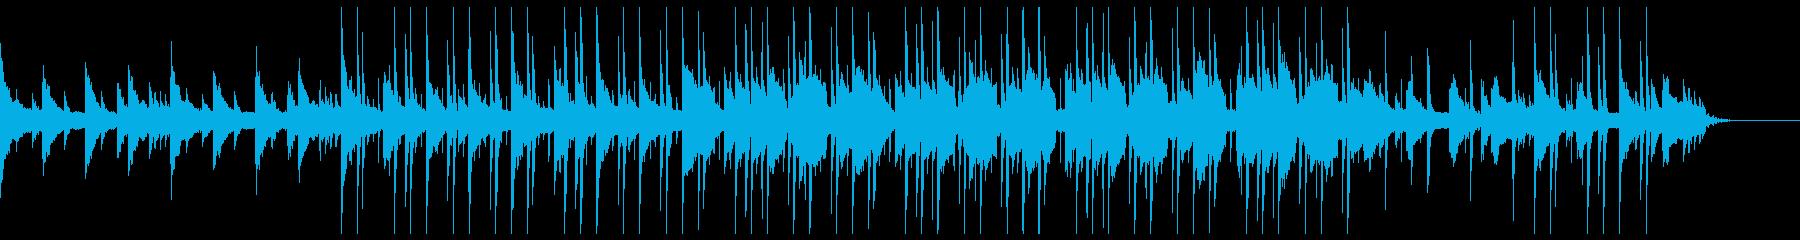 しっとりとしたヒップホップ風BGMの再生済みの波形